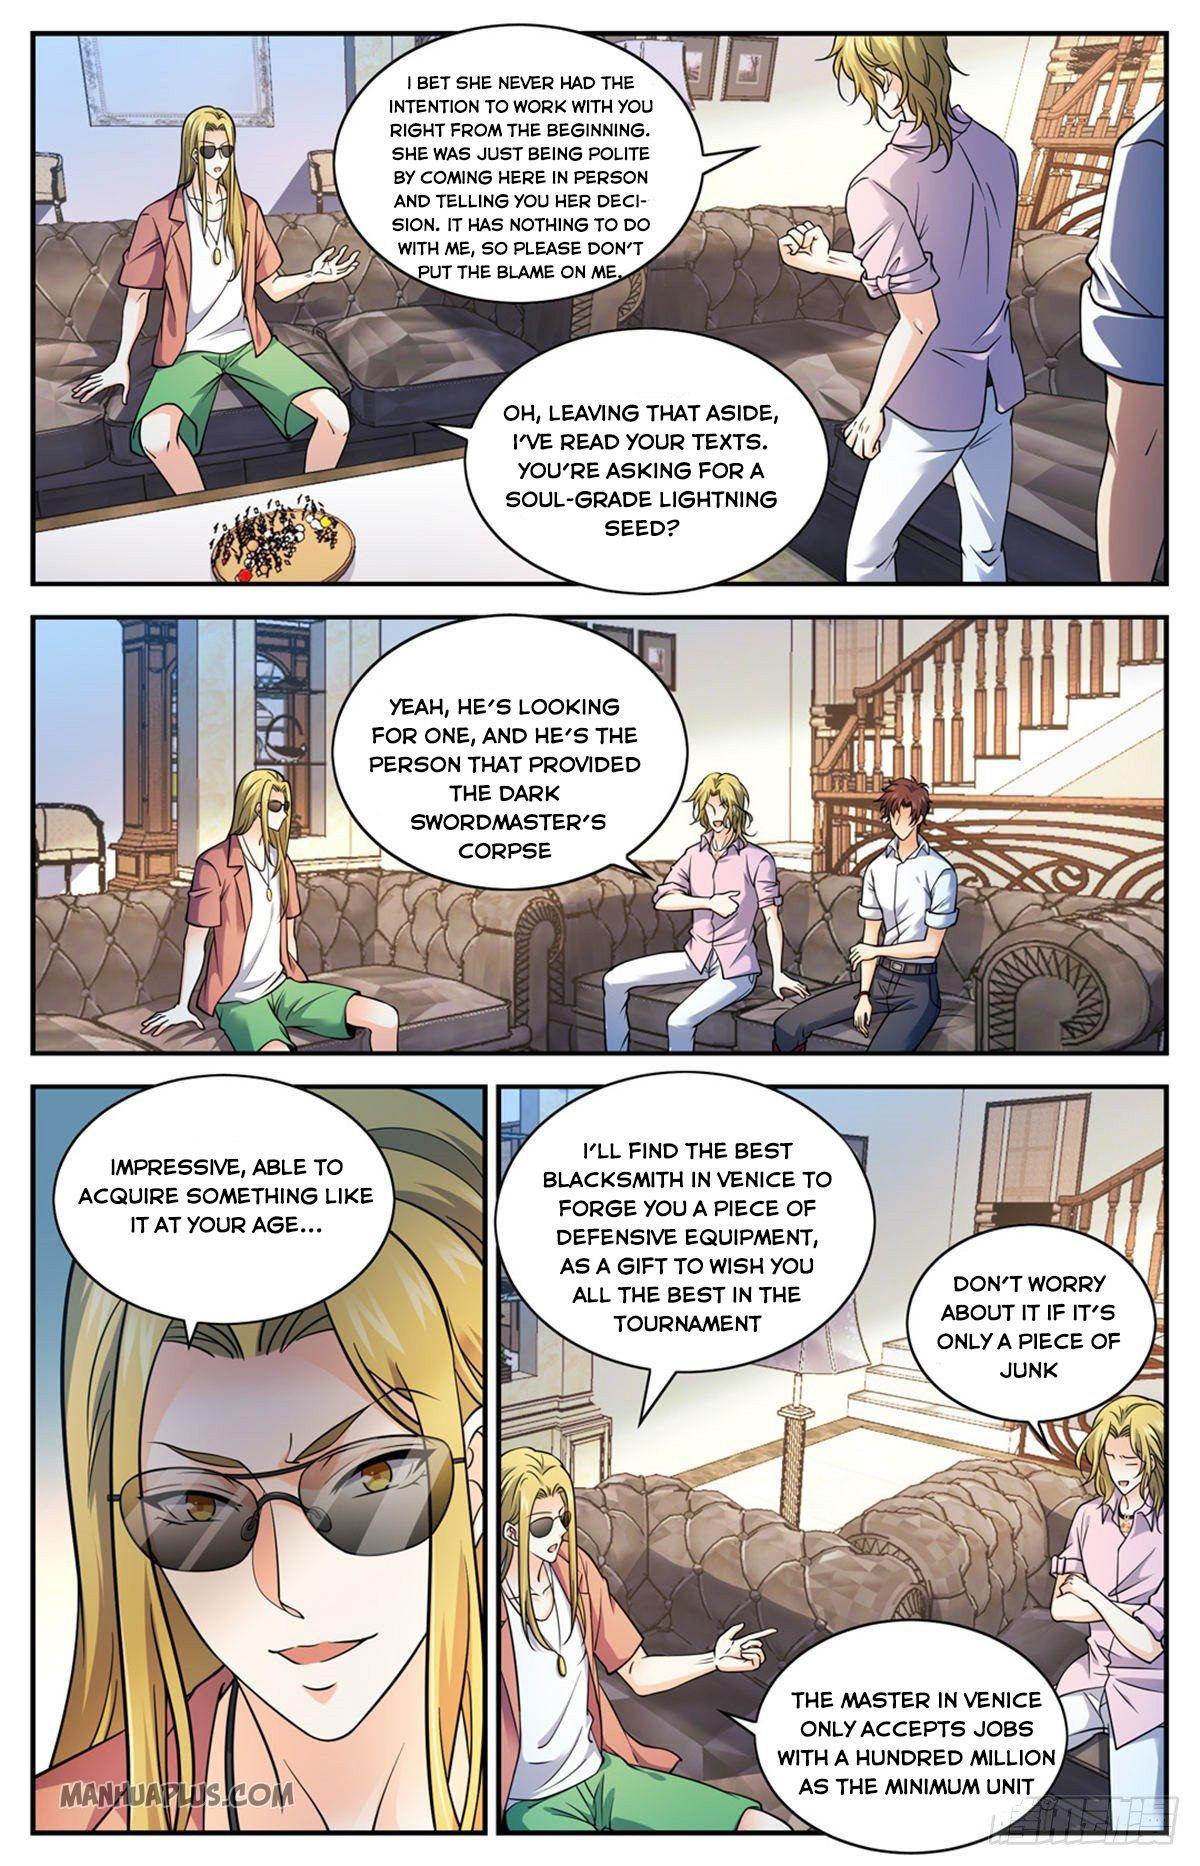 Versatile Mage - chapter 672-eng-li